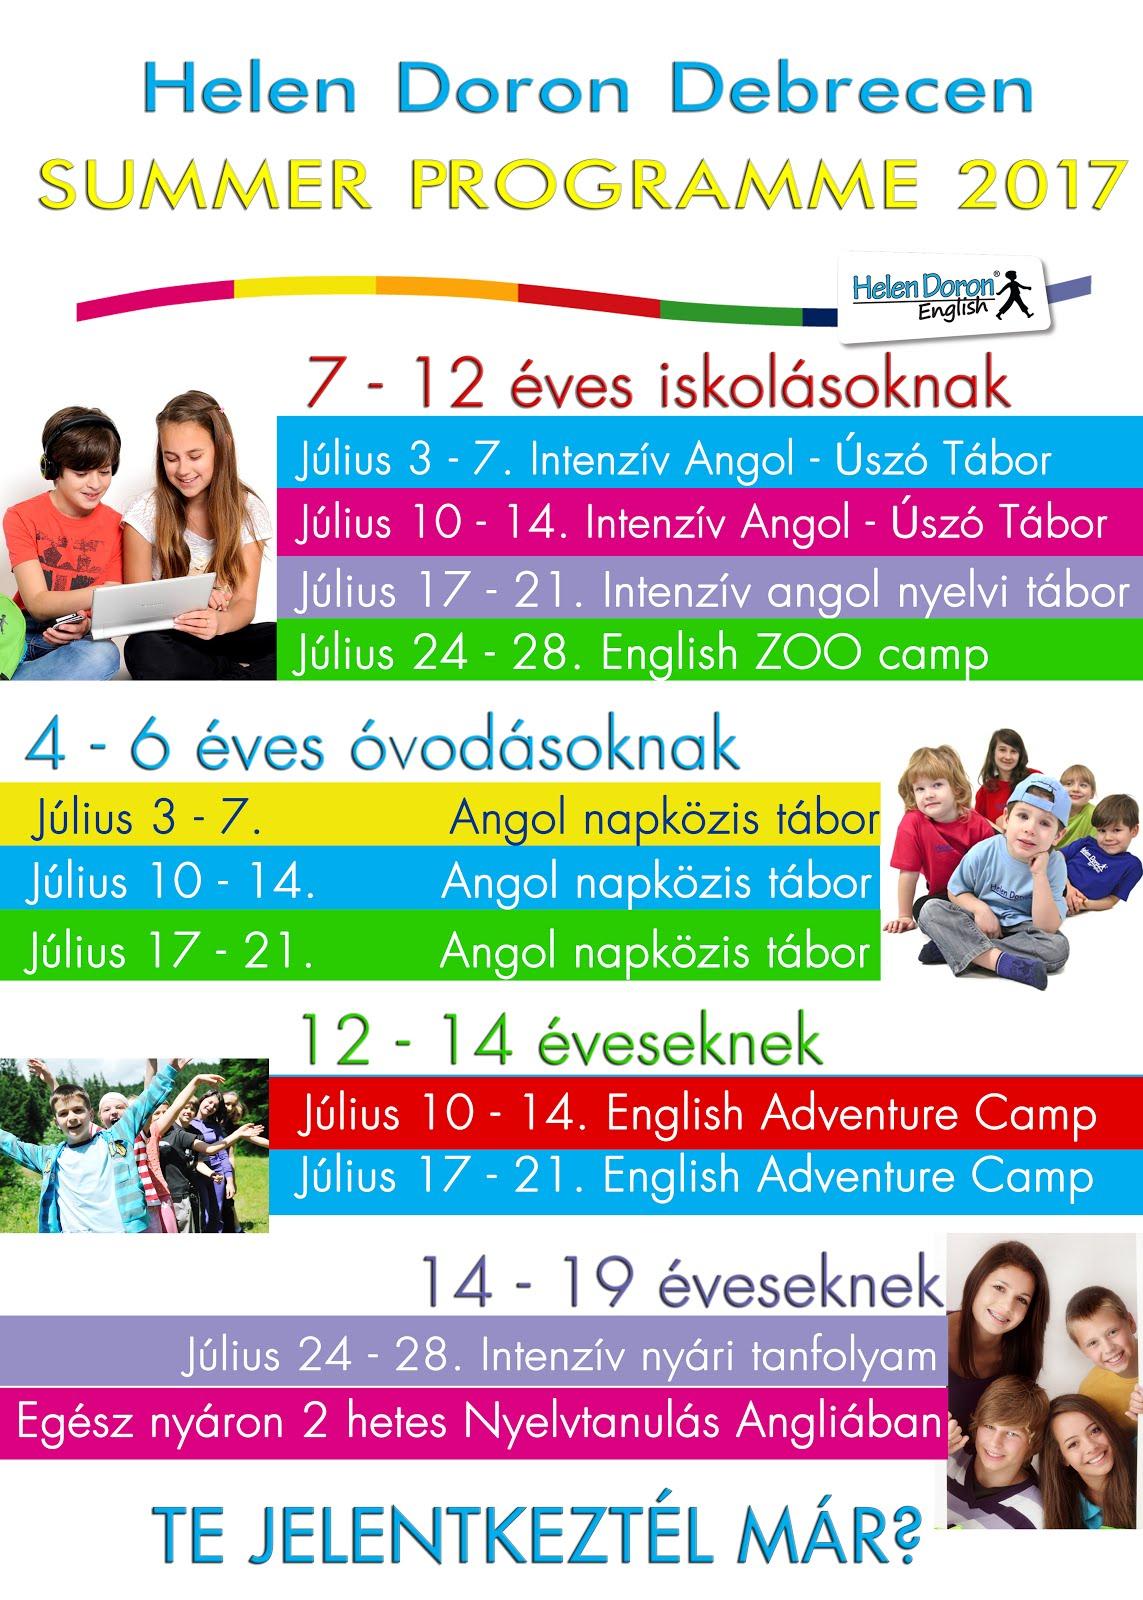 Summer Programme 2017